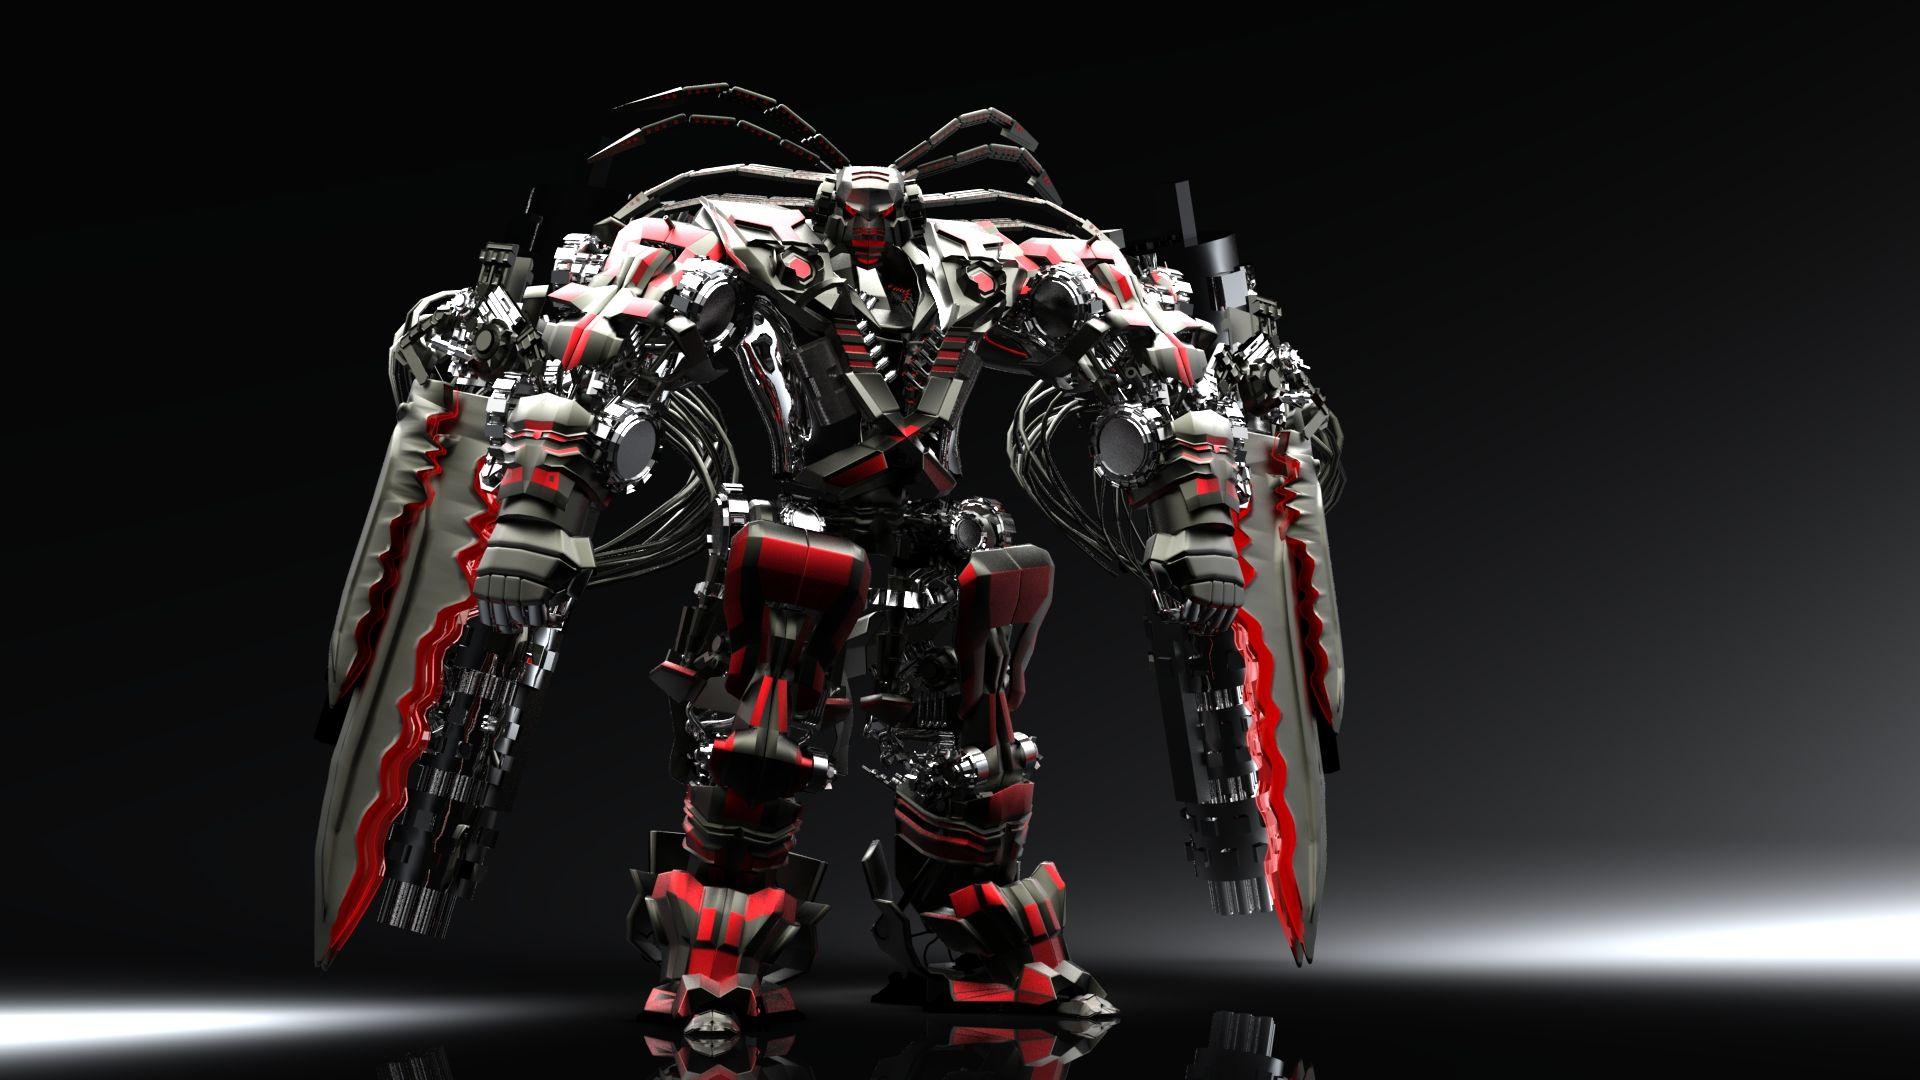 Red Black Robot Wallpaper 3d For Desktop Free Download 3325617819928 Animasi 3d Daft Punk Animasi